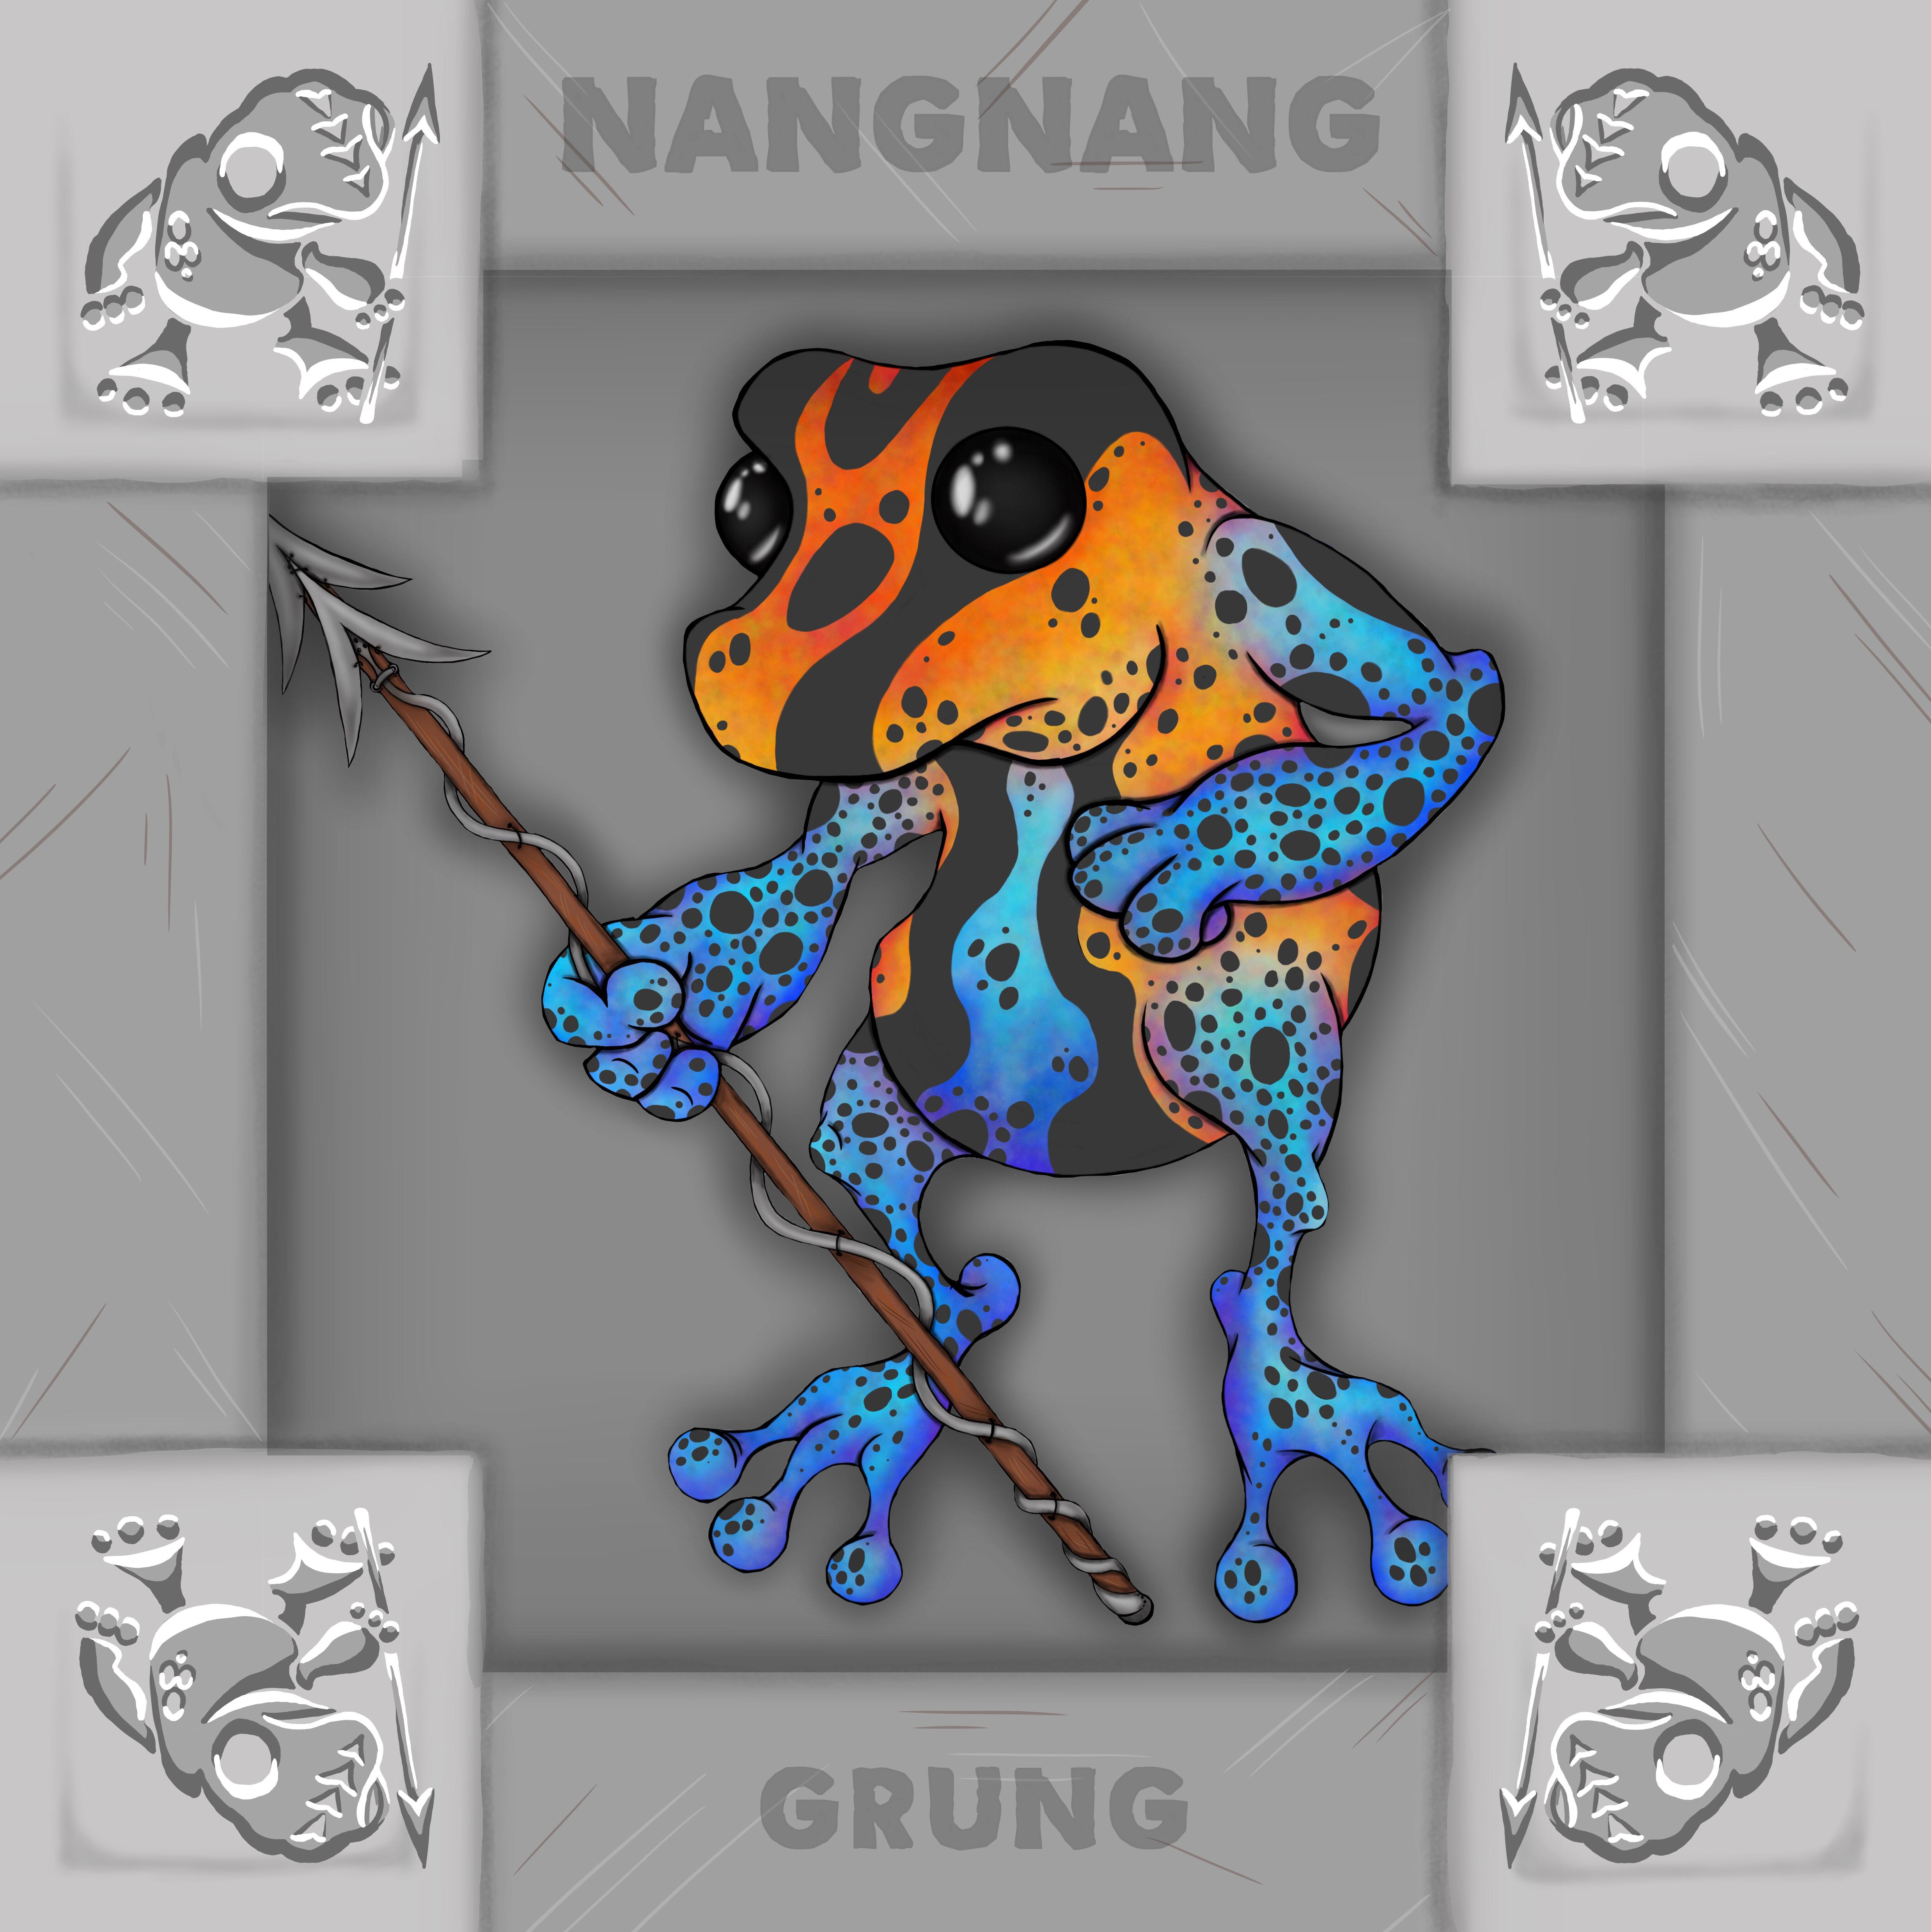 Nangnang (Grung)